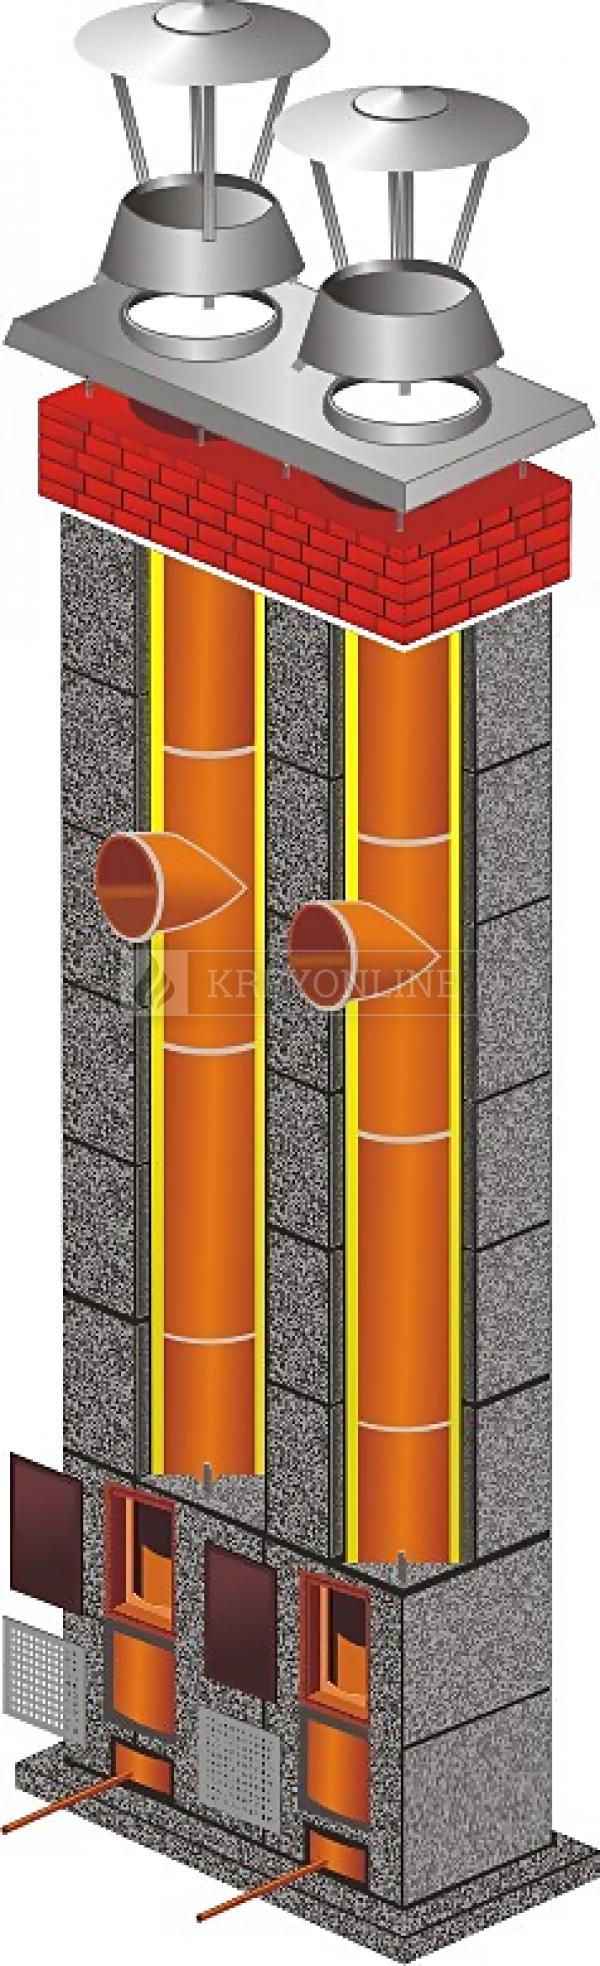 Stadreko - Dvojprieduchový komínový systém s vatou Ø 160 / Ø 160 krbyonline